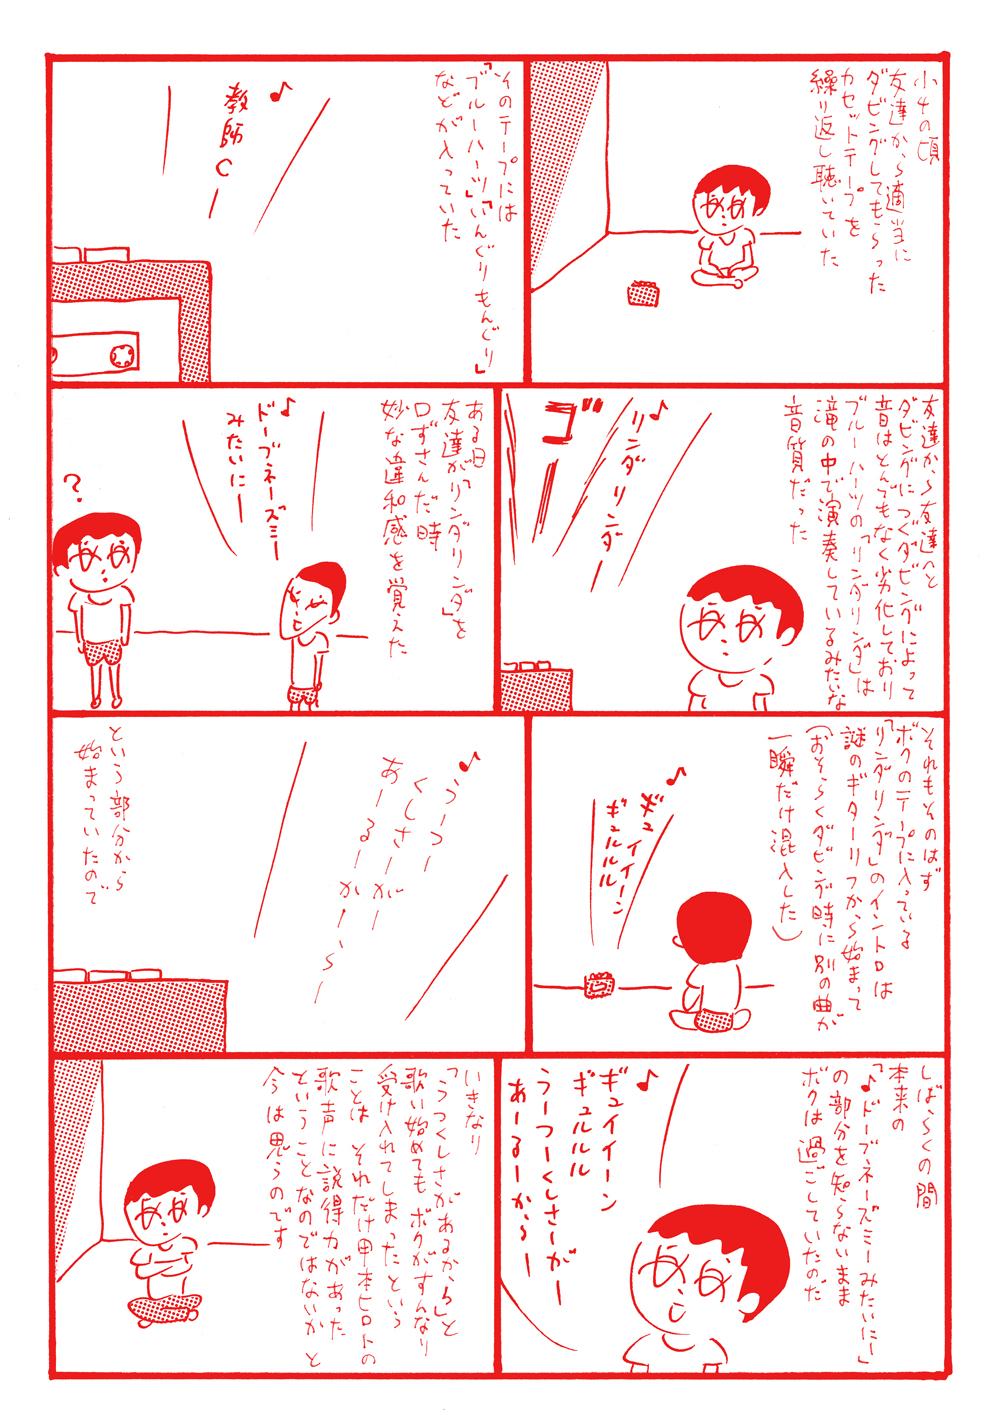 oohashi-hiroyuki-026